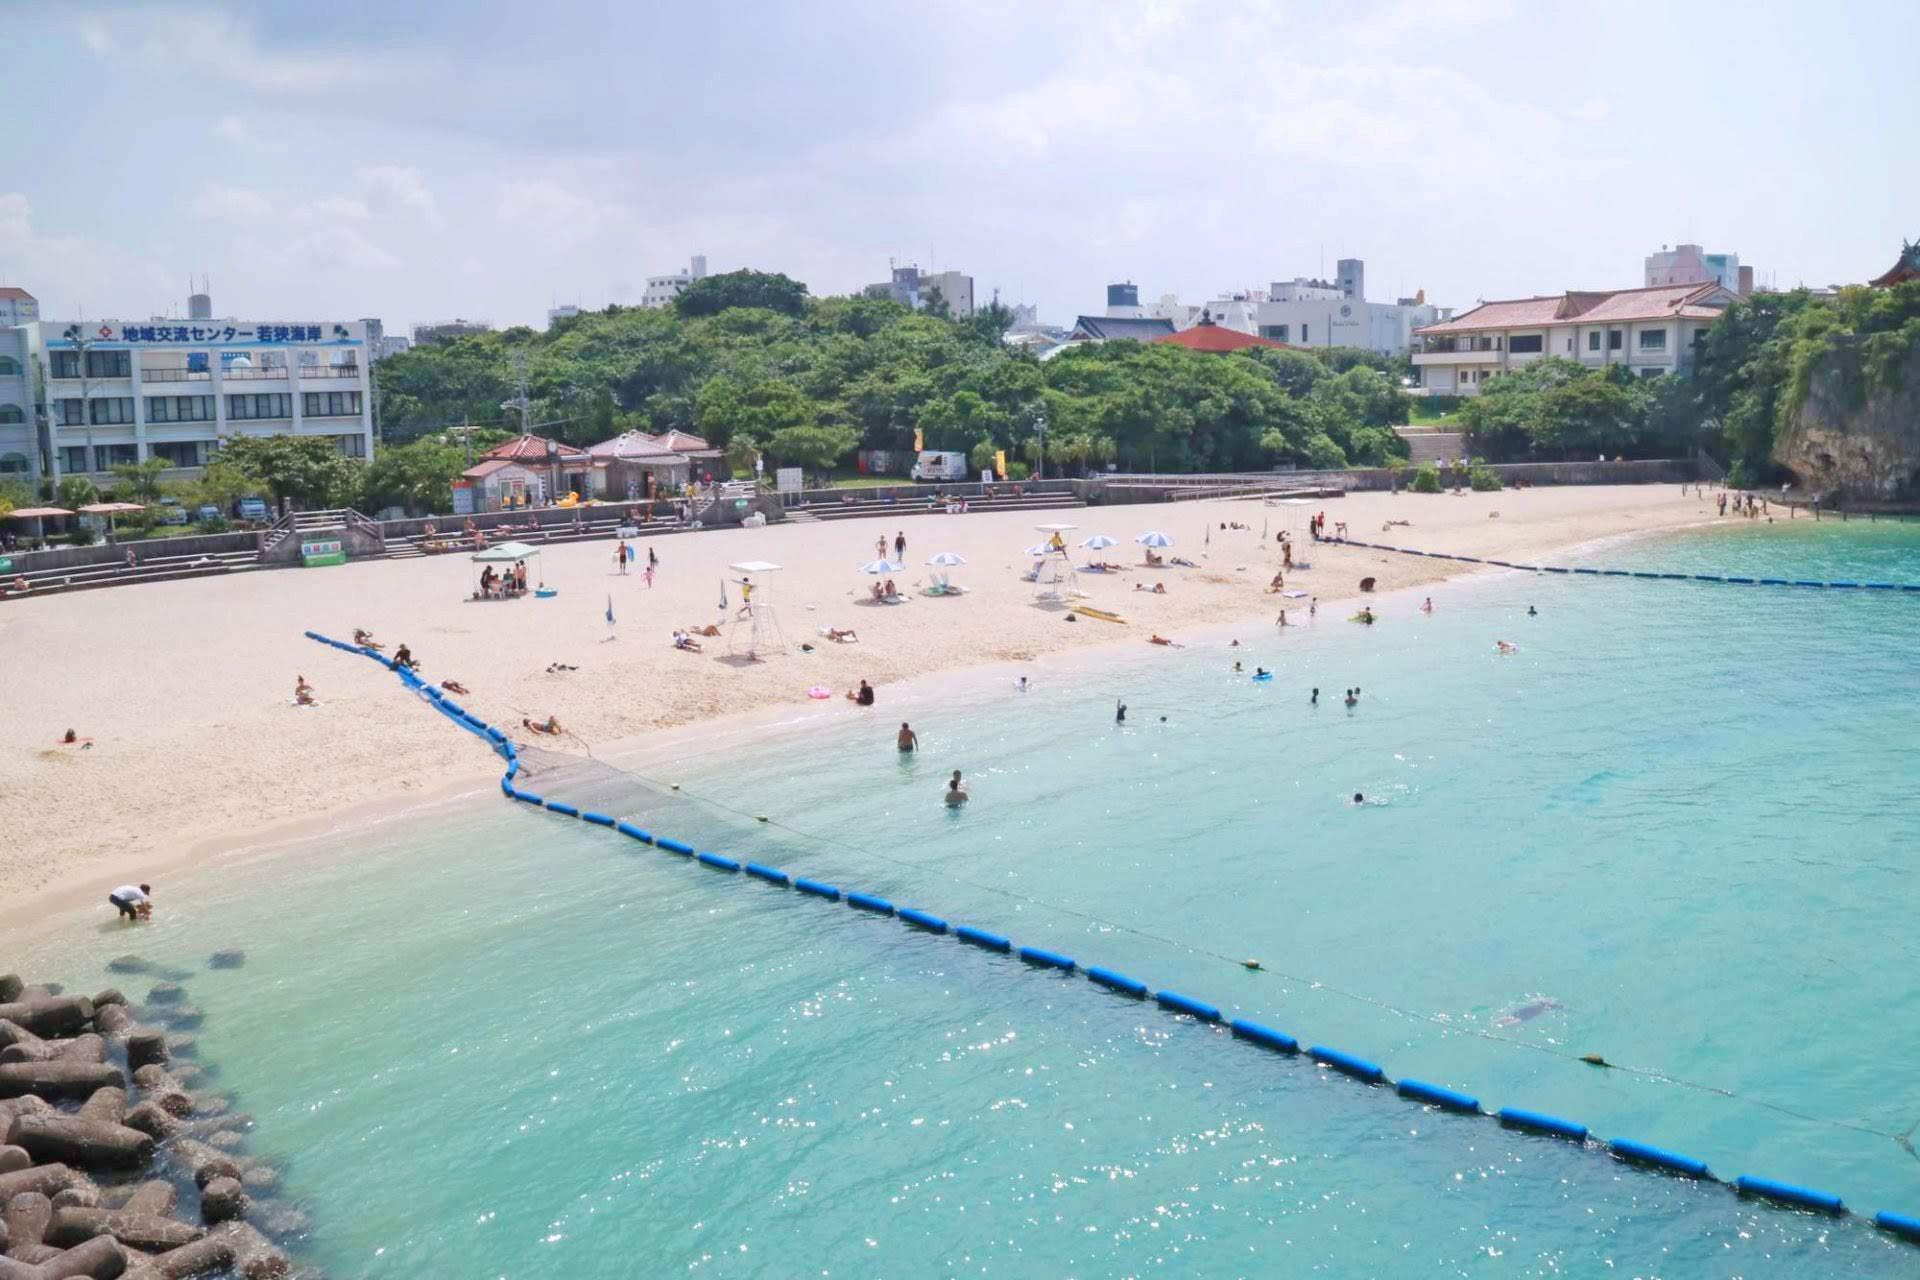 波の上ビーチ 那覇市 沖縄 おすすめ ビーチ 離島 旅行